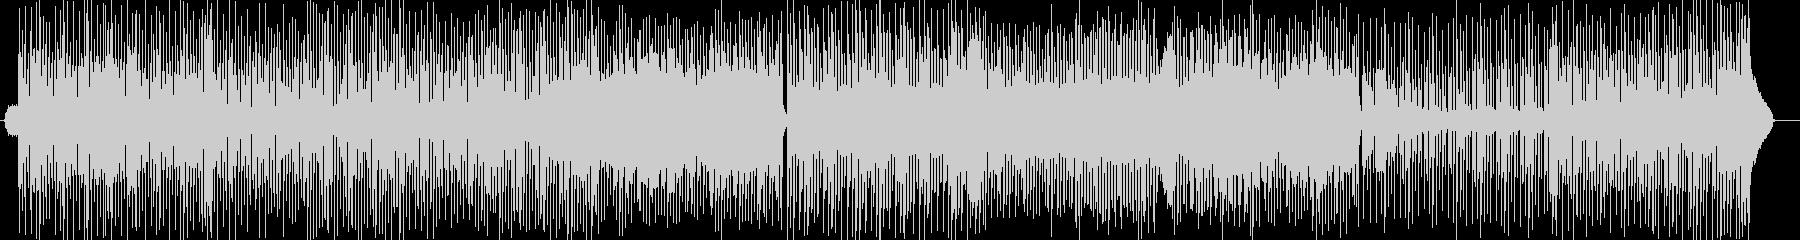 軽やかなトランペットシンセサイザー曲の未再生の波形